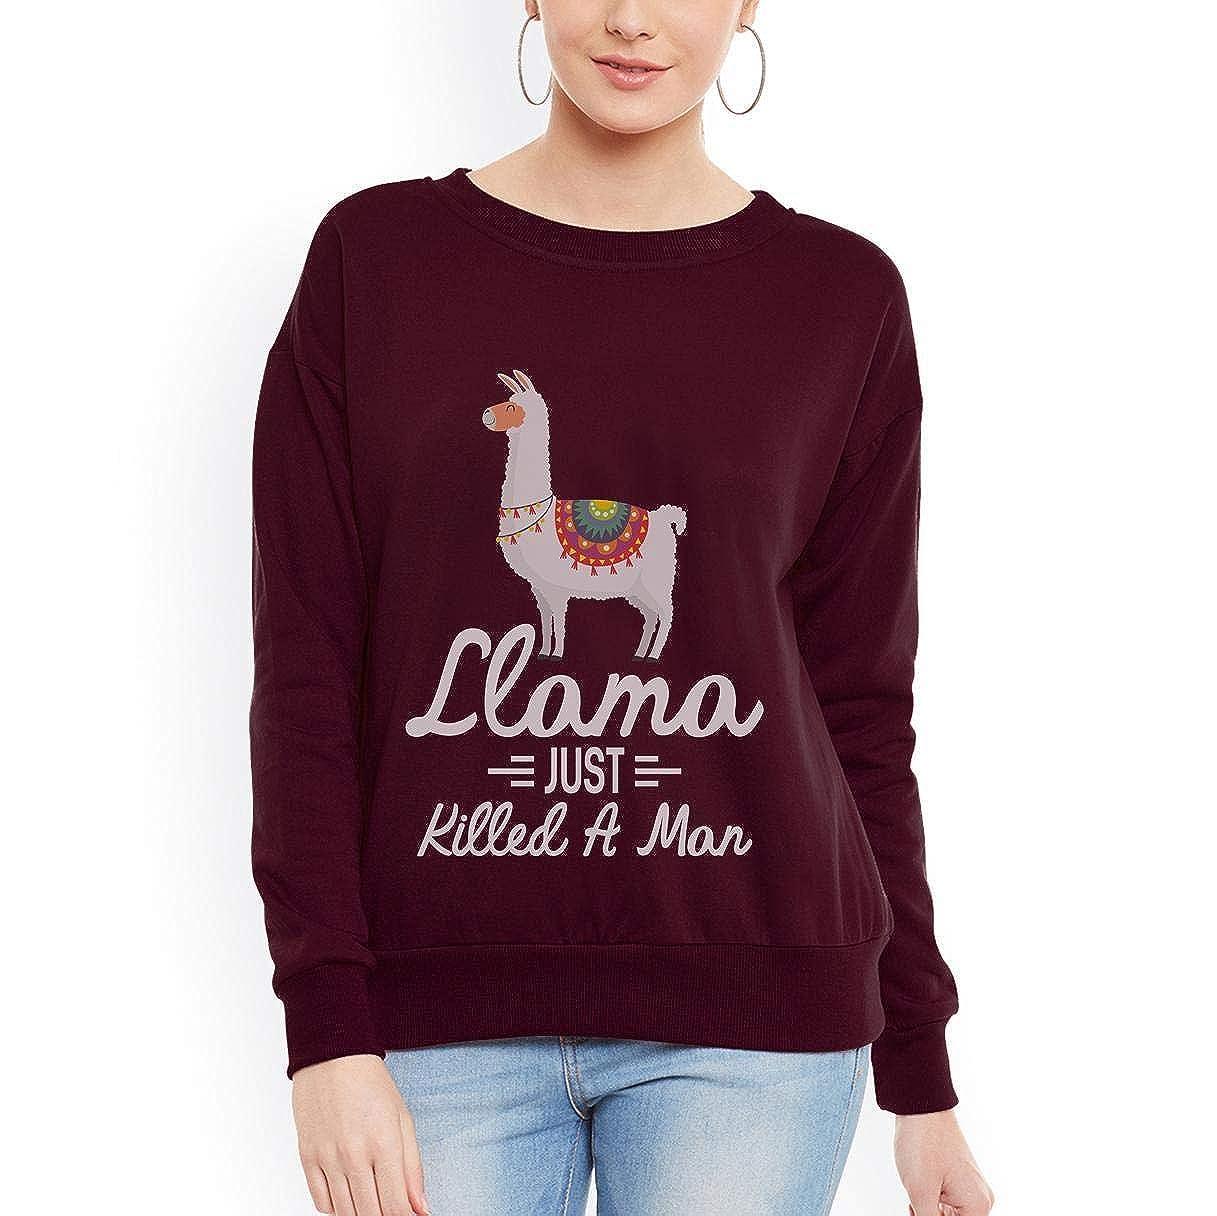 Doryti Llama Just Killed a Man Llama Cooler Women Sweatshirt tee